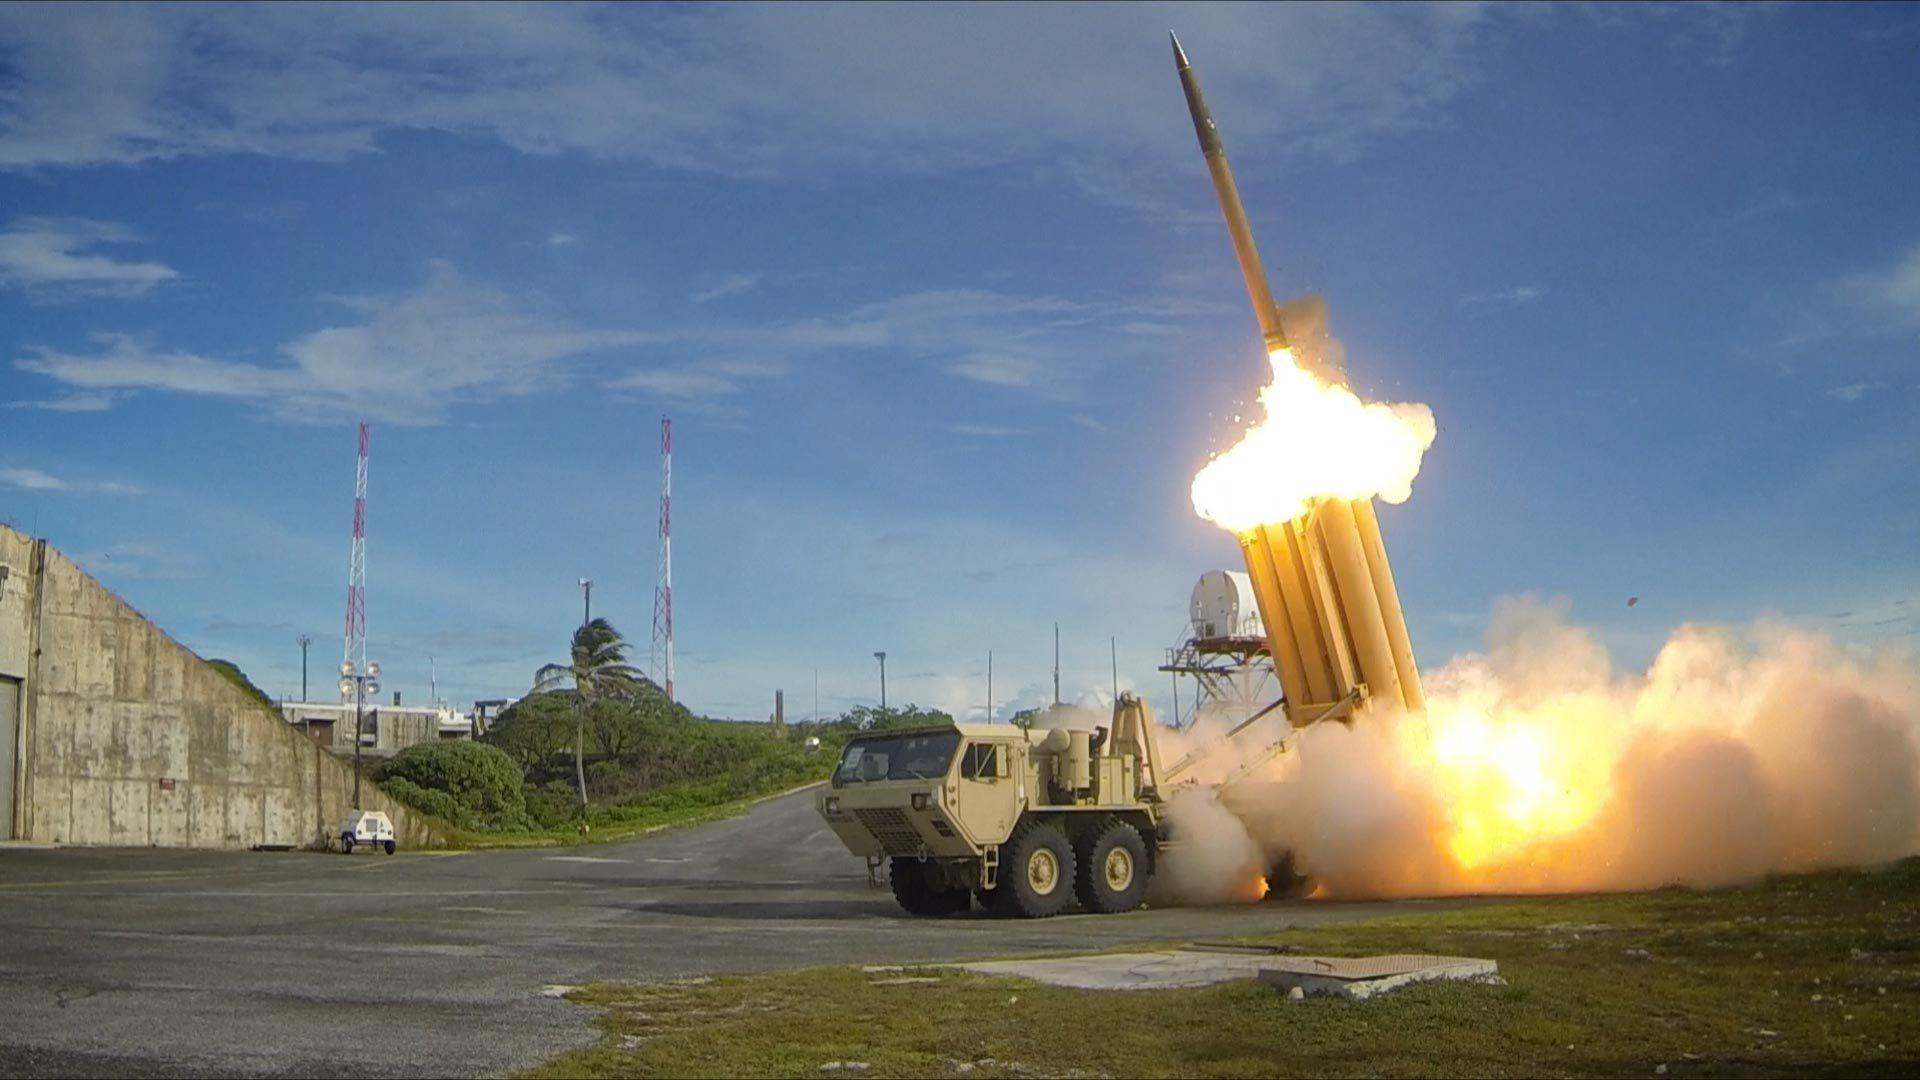 Trung Quốc sợ THAAD, lấy Triều Tiên làm cớ phản đối 3